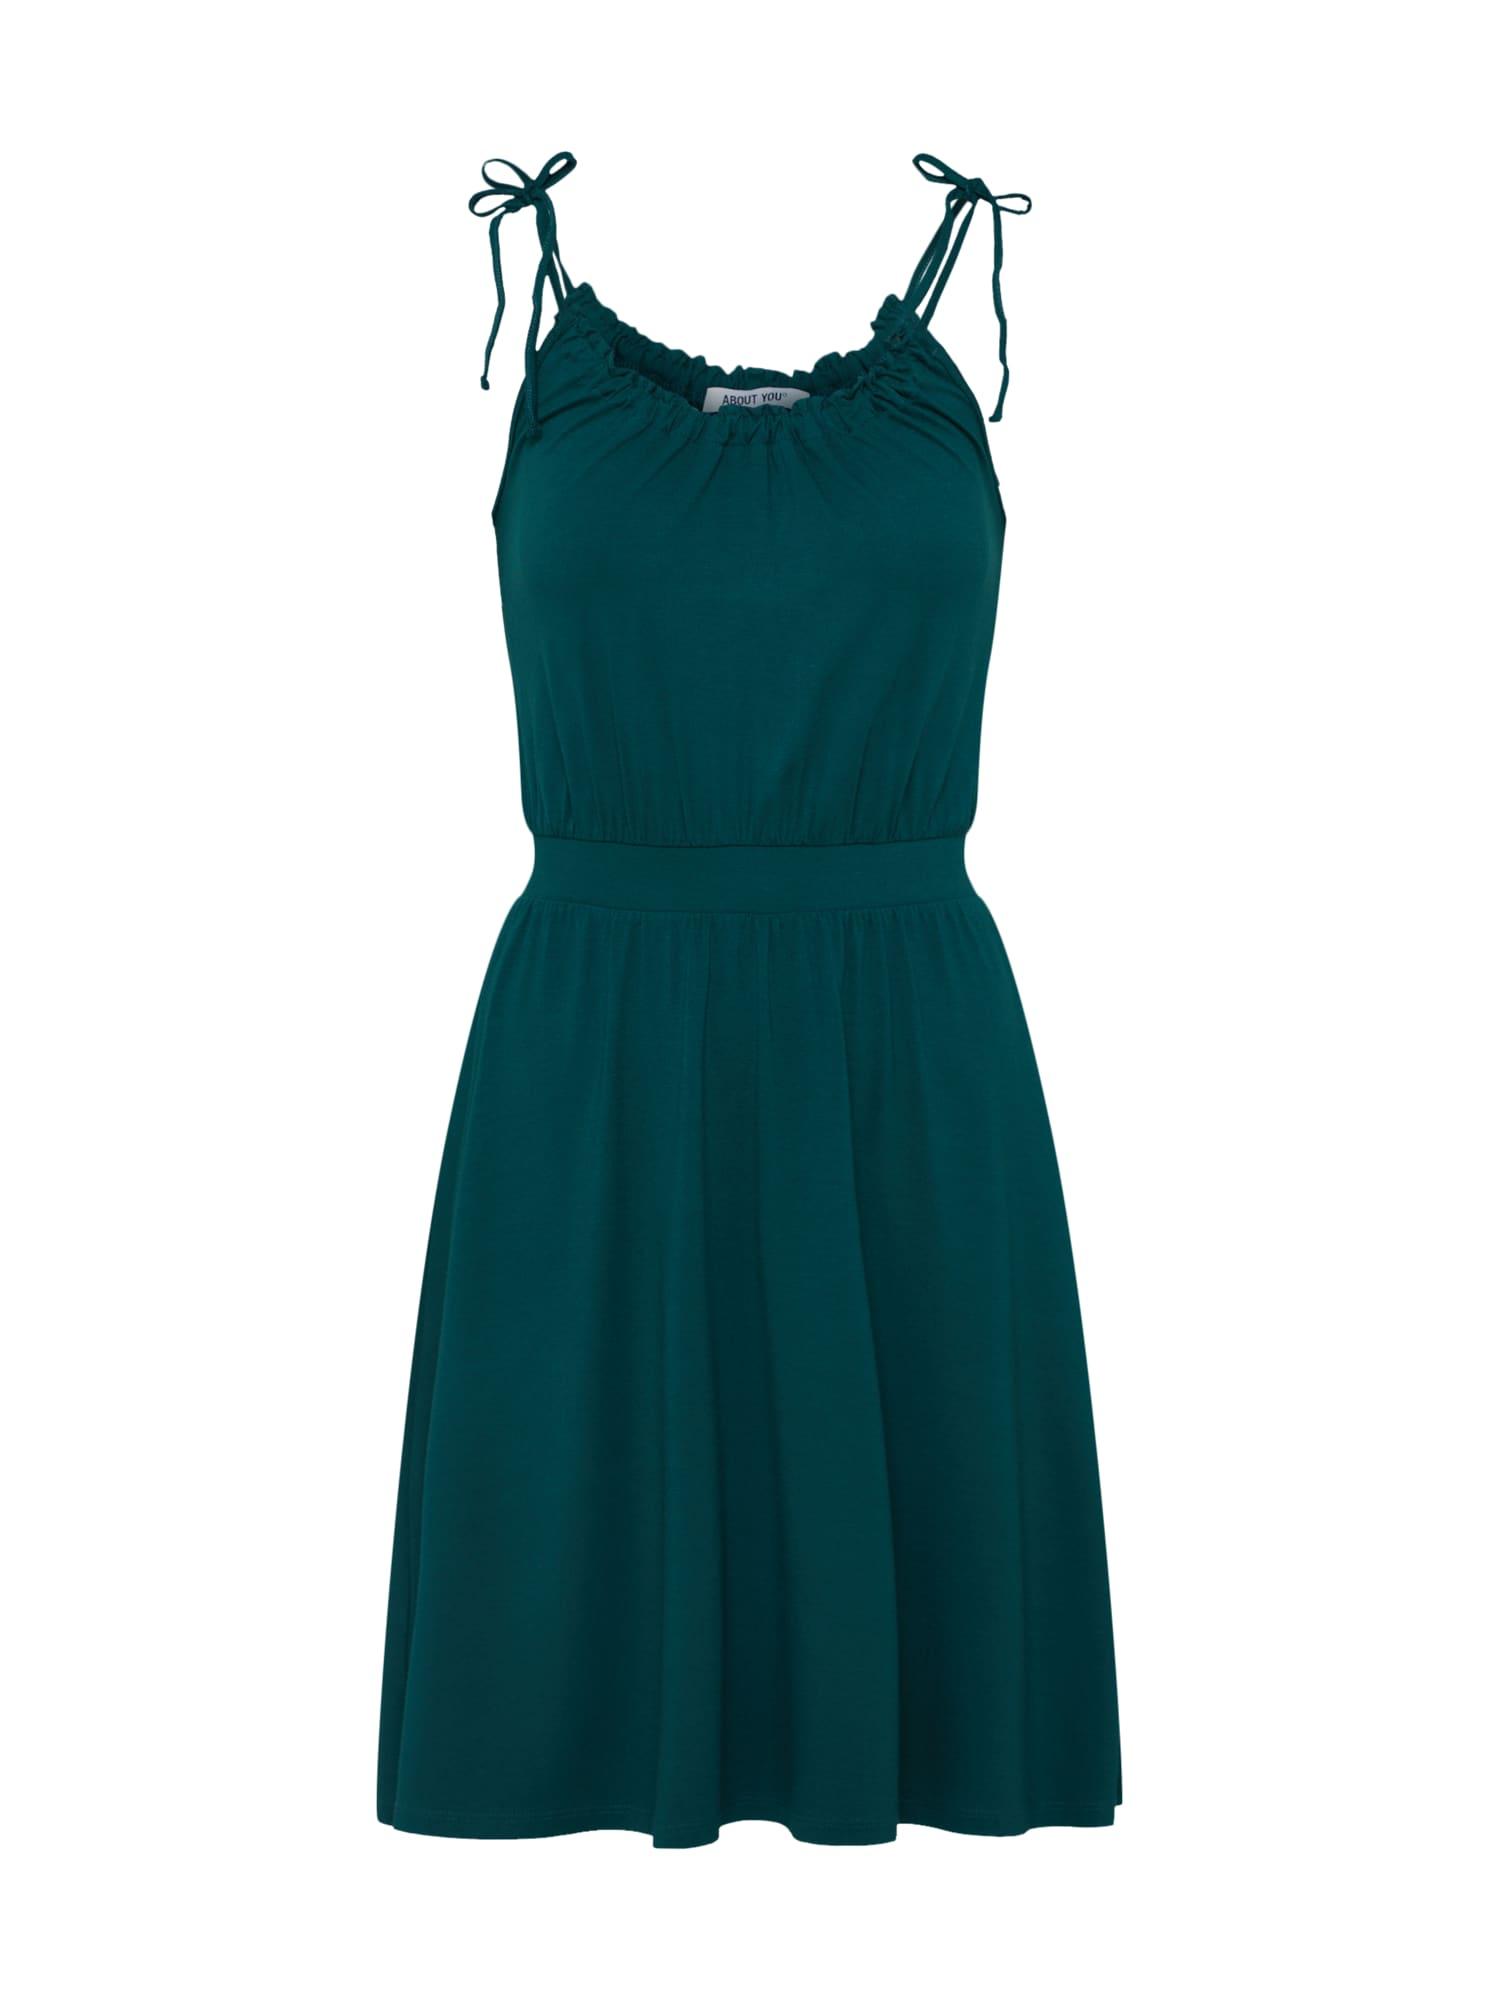 ABOUT YOU Vasarinė suknelė 'Luana' tamsiai žalia